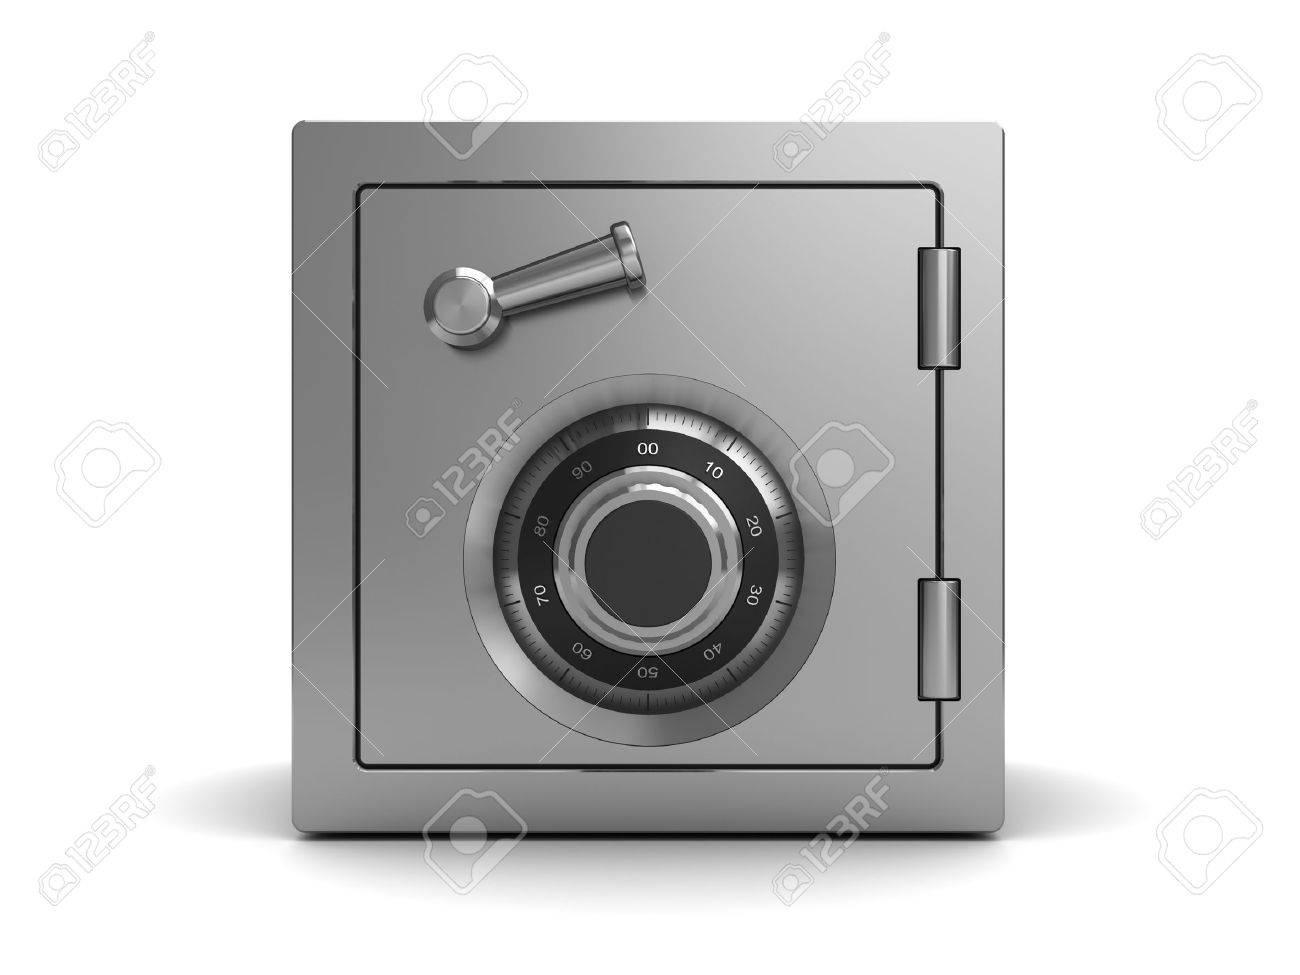 3d illustration of steel safe, front view - 37896520